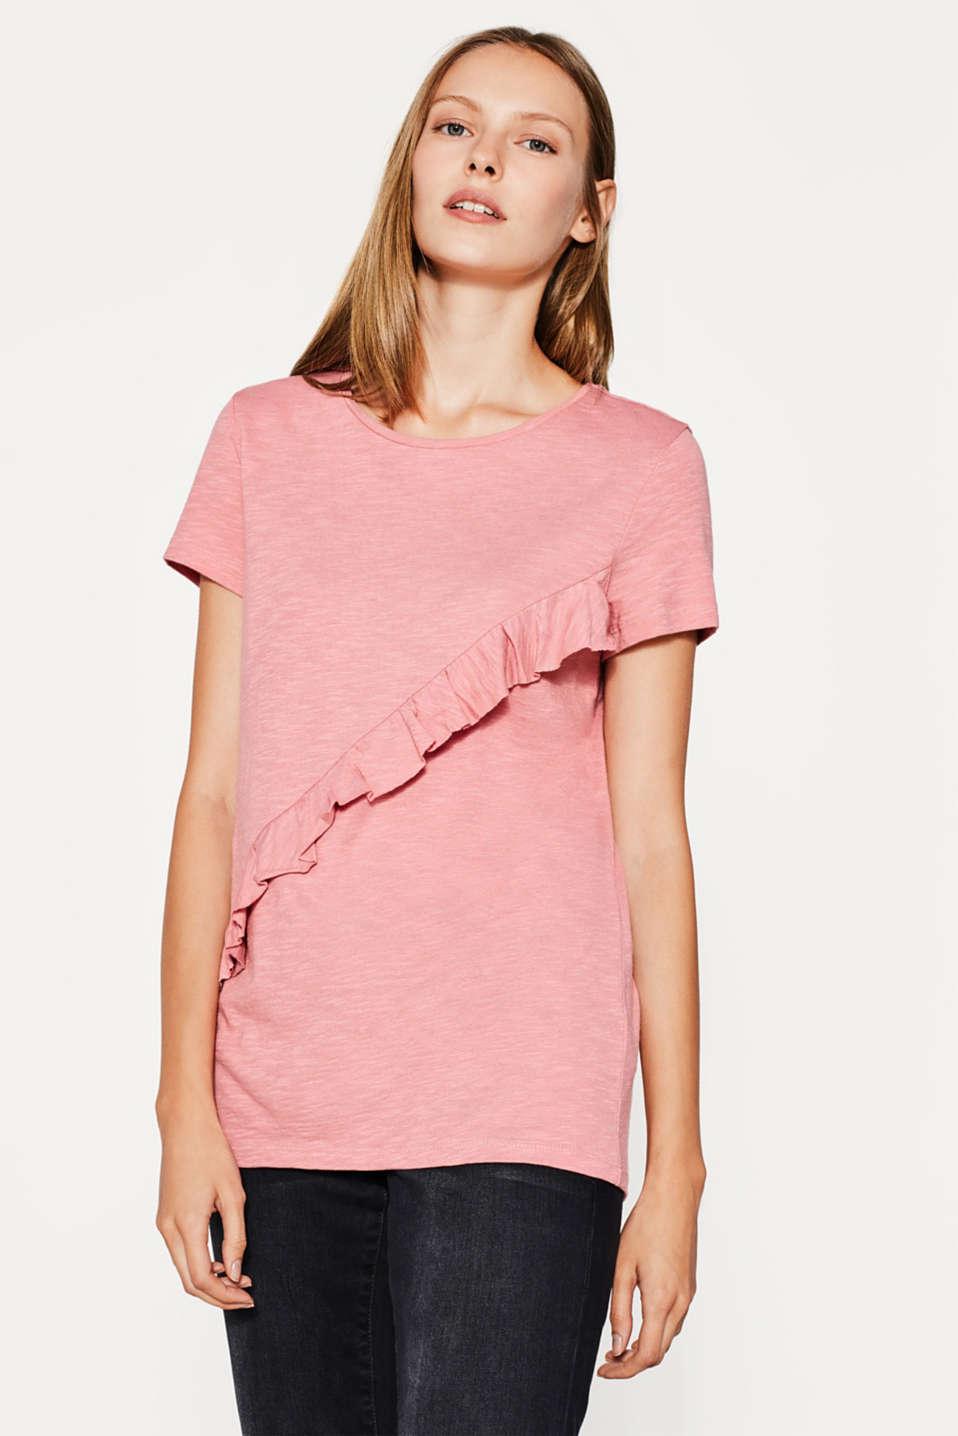 esprit t shirt mit r schen detail im online shop kaufen. Black Bedroom Furniture Sets. Home Design Ideas